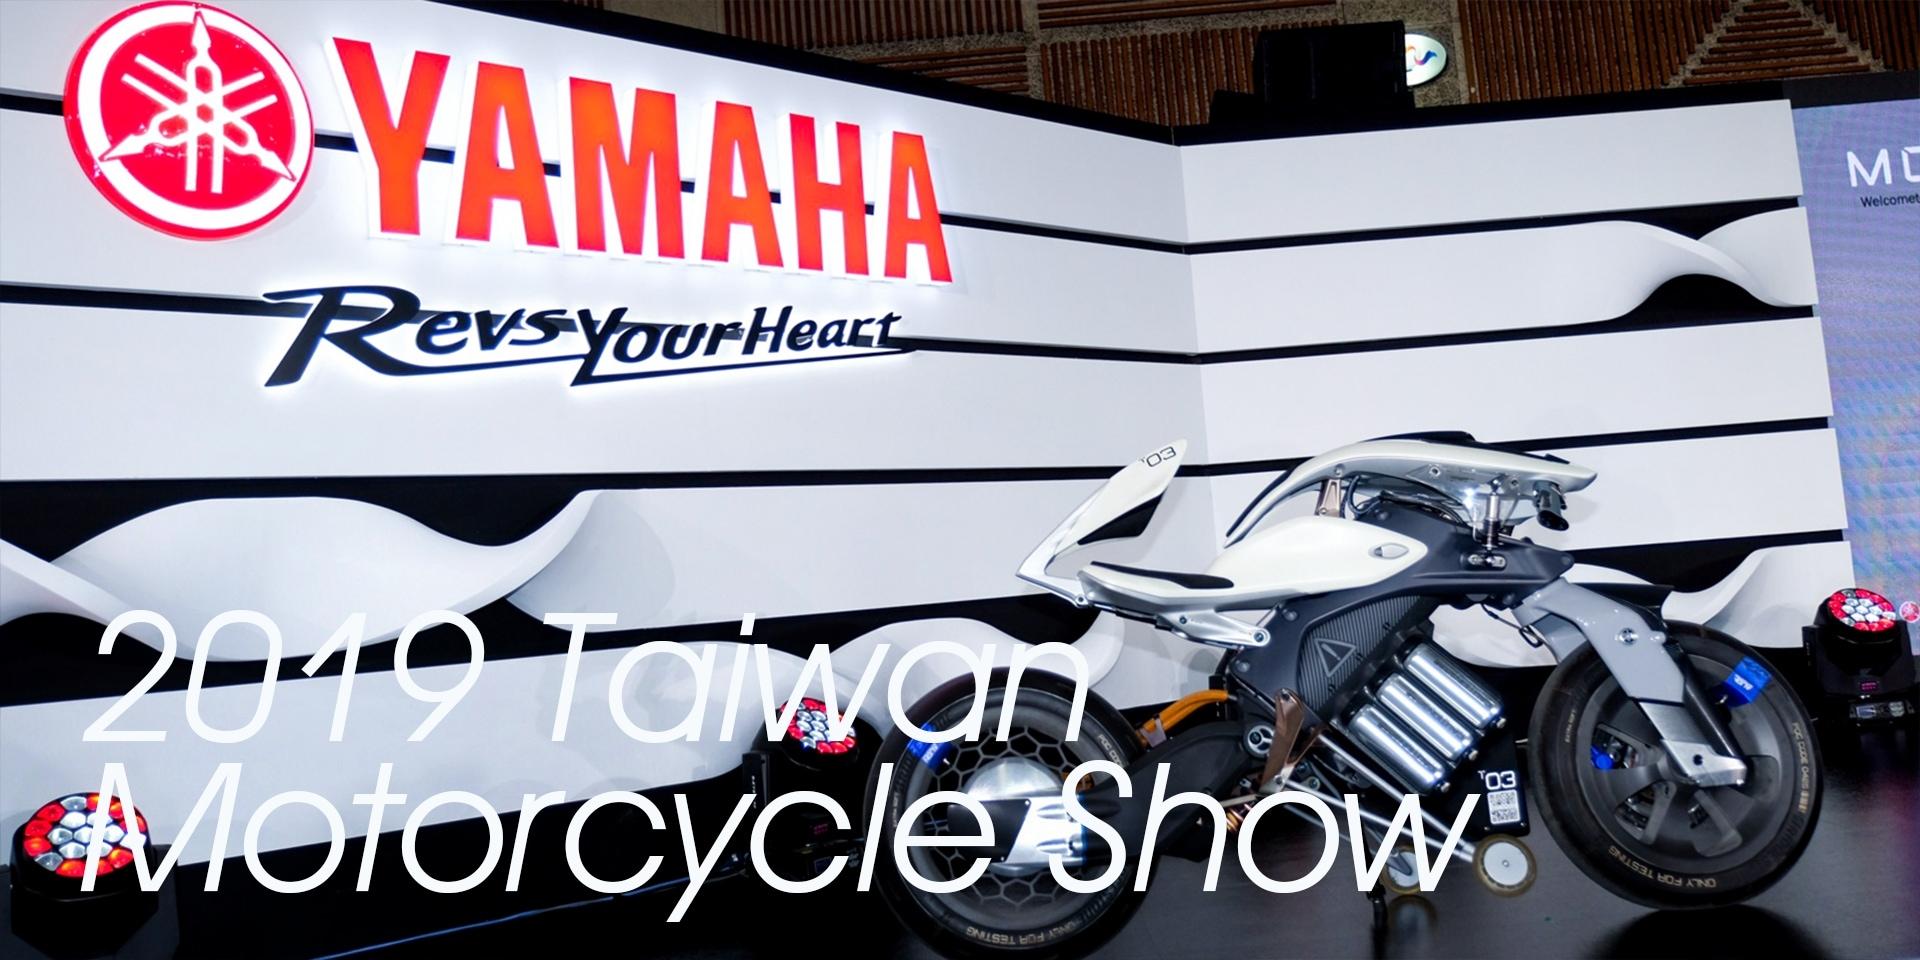 2019國際重型機車展。MOTOROiD首次登台、MotoGP廠車、市售全機種亮相,YAMAHA展區介紹